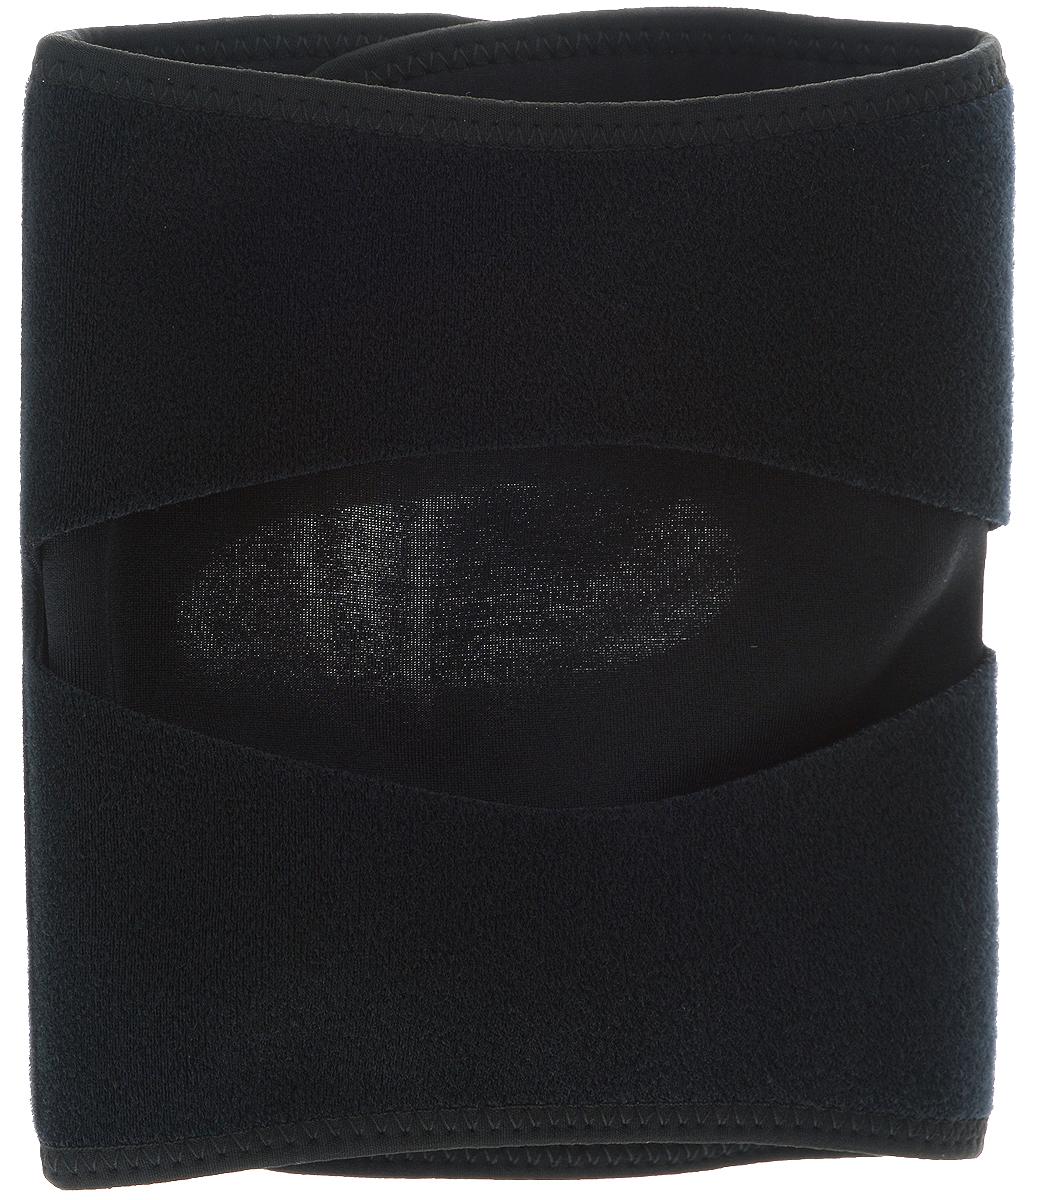 Суппорт колена Phiten Middle Type. Размер М (38-47 см)AP165004Суппорт колена Phiten Middle Type прекрасно фиксирует колено и держит чашечку. Он также снимает связанную с мышечными спазмами боль и перетренированность мышц. Сдавливание при длительном ношении с лихвой компенсируется тонусом сосудов. Пропитка из акватитана и аквапалладия обеспечивает противоотечный эффект, способствует снятию боли и напряжения и скорейшему восстановлению. Показания к применению: все виды воспаления коленного сустава, растяжение мышц и связок коленного сустава, бурситы, хронические дегенеративные заболевания суставов, артроз коленного сустава, артрит и остеоартрит, пателлофеморальный болевой синдром. Суппорт обеспечивает мягкую фиксацию сустава, активное воздействие на проприоцепторы, снятие суставного, связочного и мышечного напряжения, облегчение болевых ощущений. Действие уникальных материалов по улучшению кровообращения в тканях помогает избежать проблемы сдавливания, возникающей при частом ношении суппорта.Материал: наружная часть: 93% нейлон, 7% полиуретан; внутренняя часть: 80% нейлон, 20% полиуретан; липучка: 100% нейлон; акватитан, аквапалладий. Обхват колена: 38-47 см.